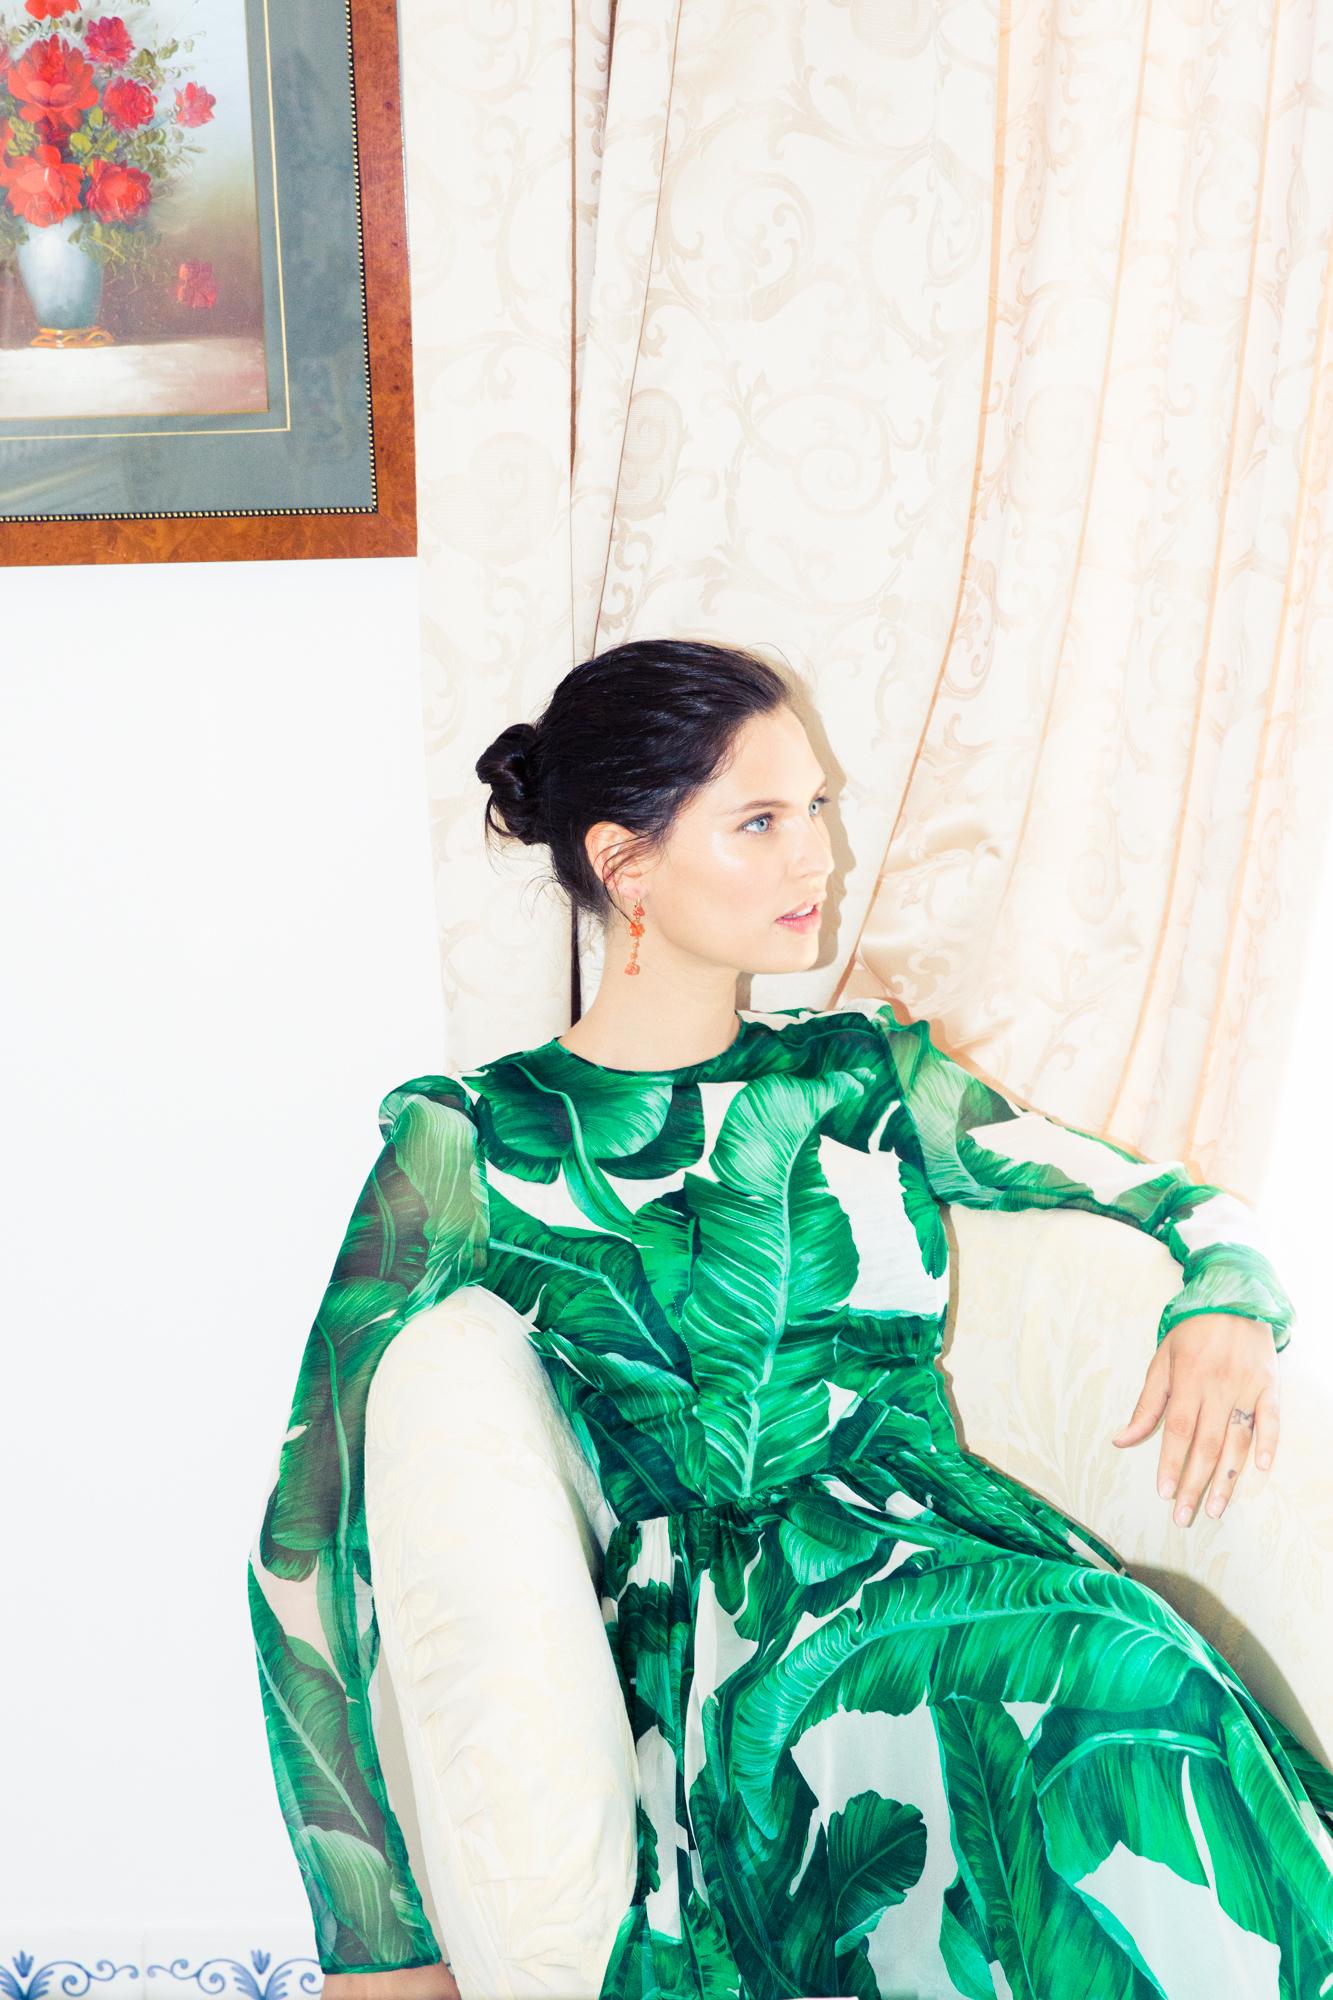 Bianca_Balti-17 copy.jpg